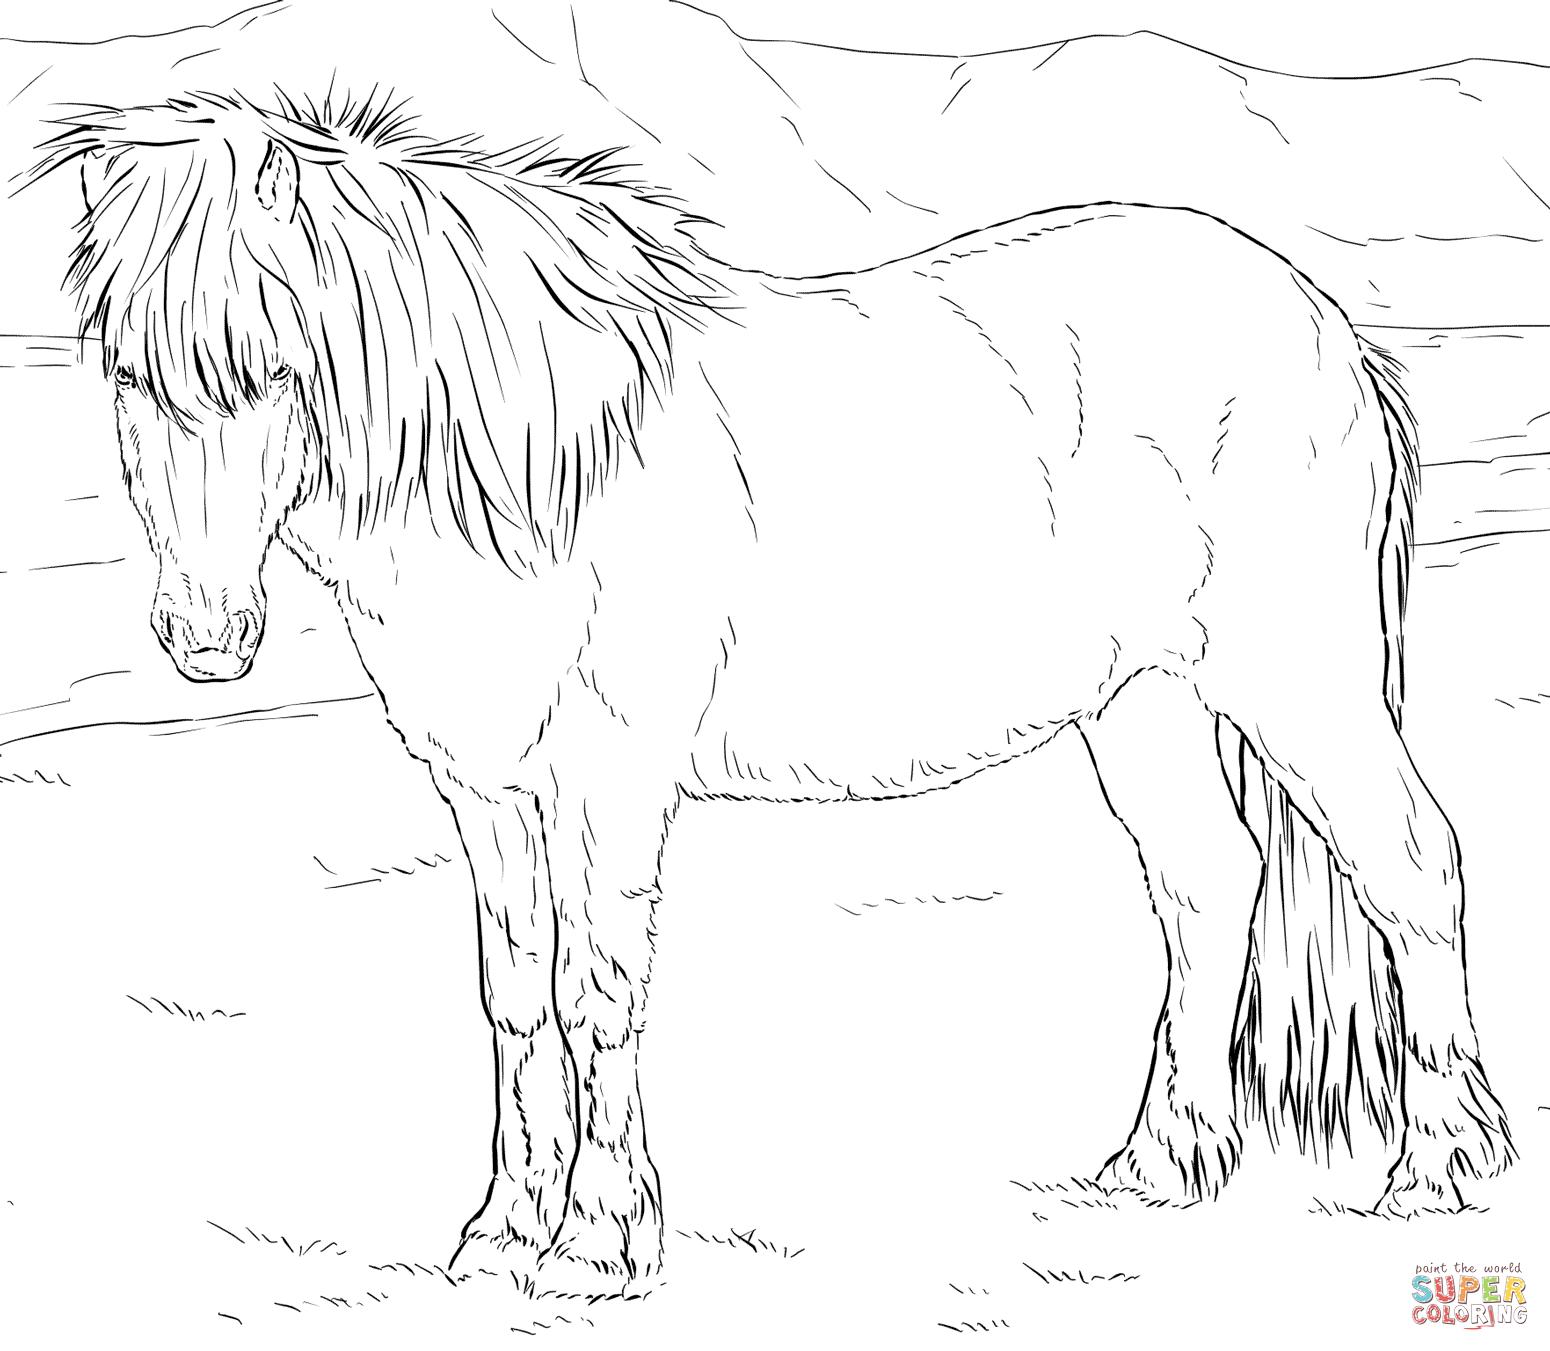 Ausmalbild Islandpferd Kategorien Pferde Kostenlose Ausmalbilder in einer Vielzahl von Themenbereichen zum Ausdrucken und Anmalen